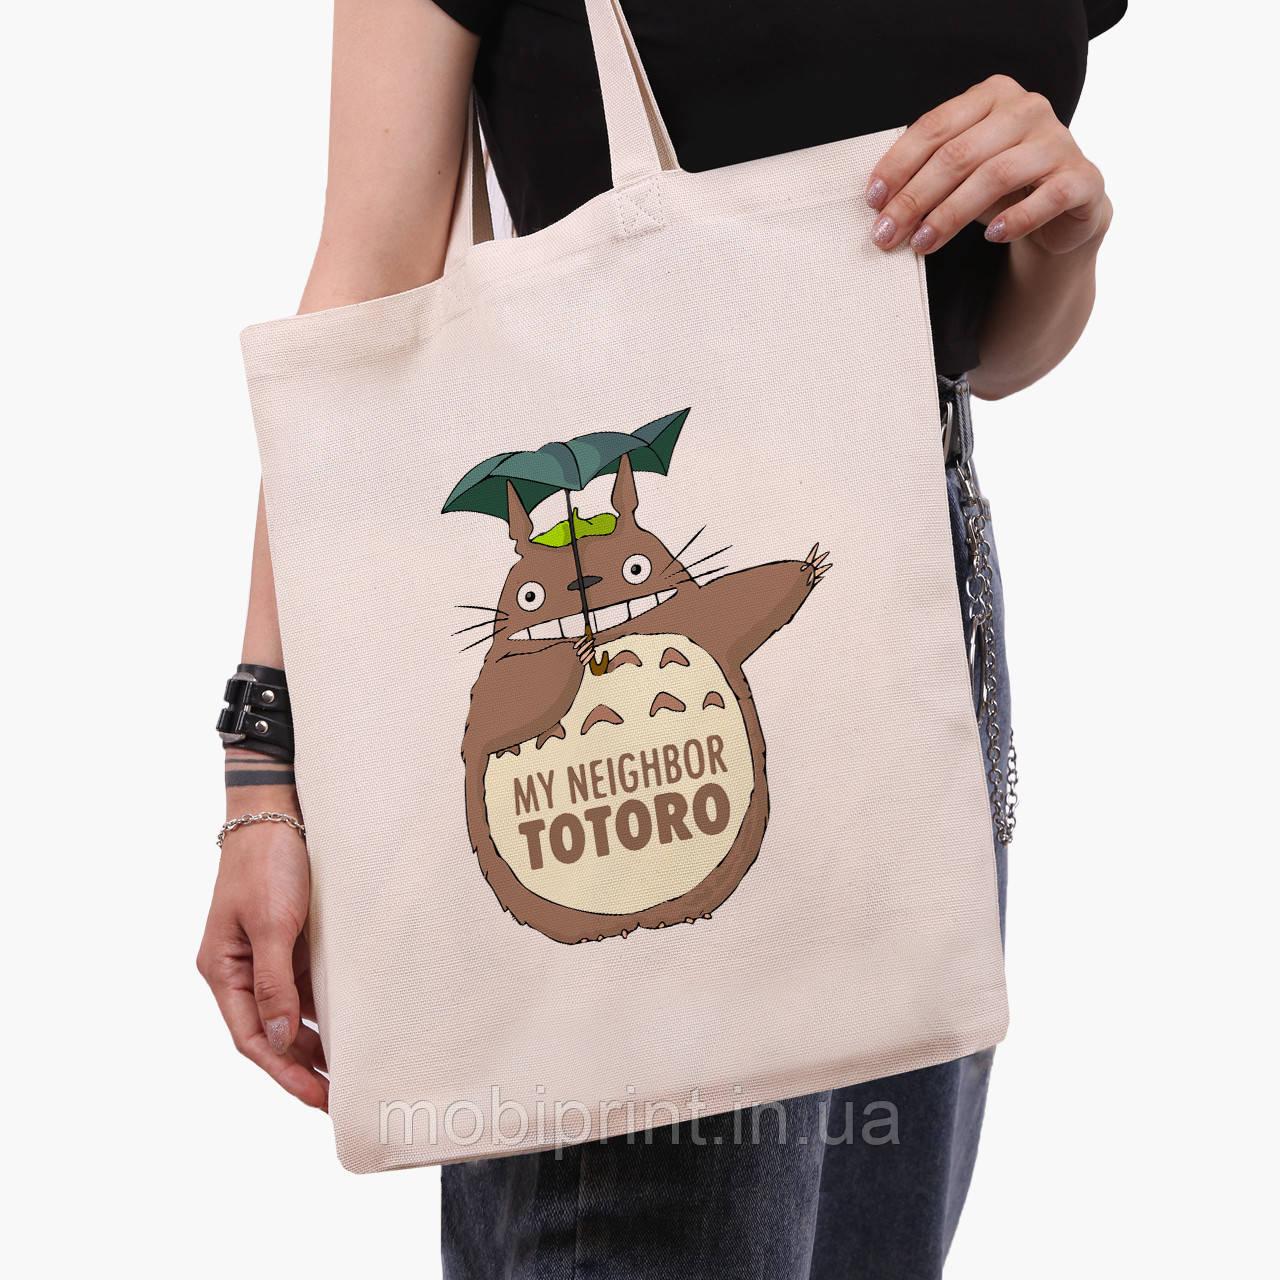 Еко сумка шоппер Мій сусід Тоторо (My Neighbor Totoro) (9227-2656) 41*35 см